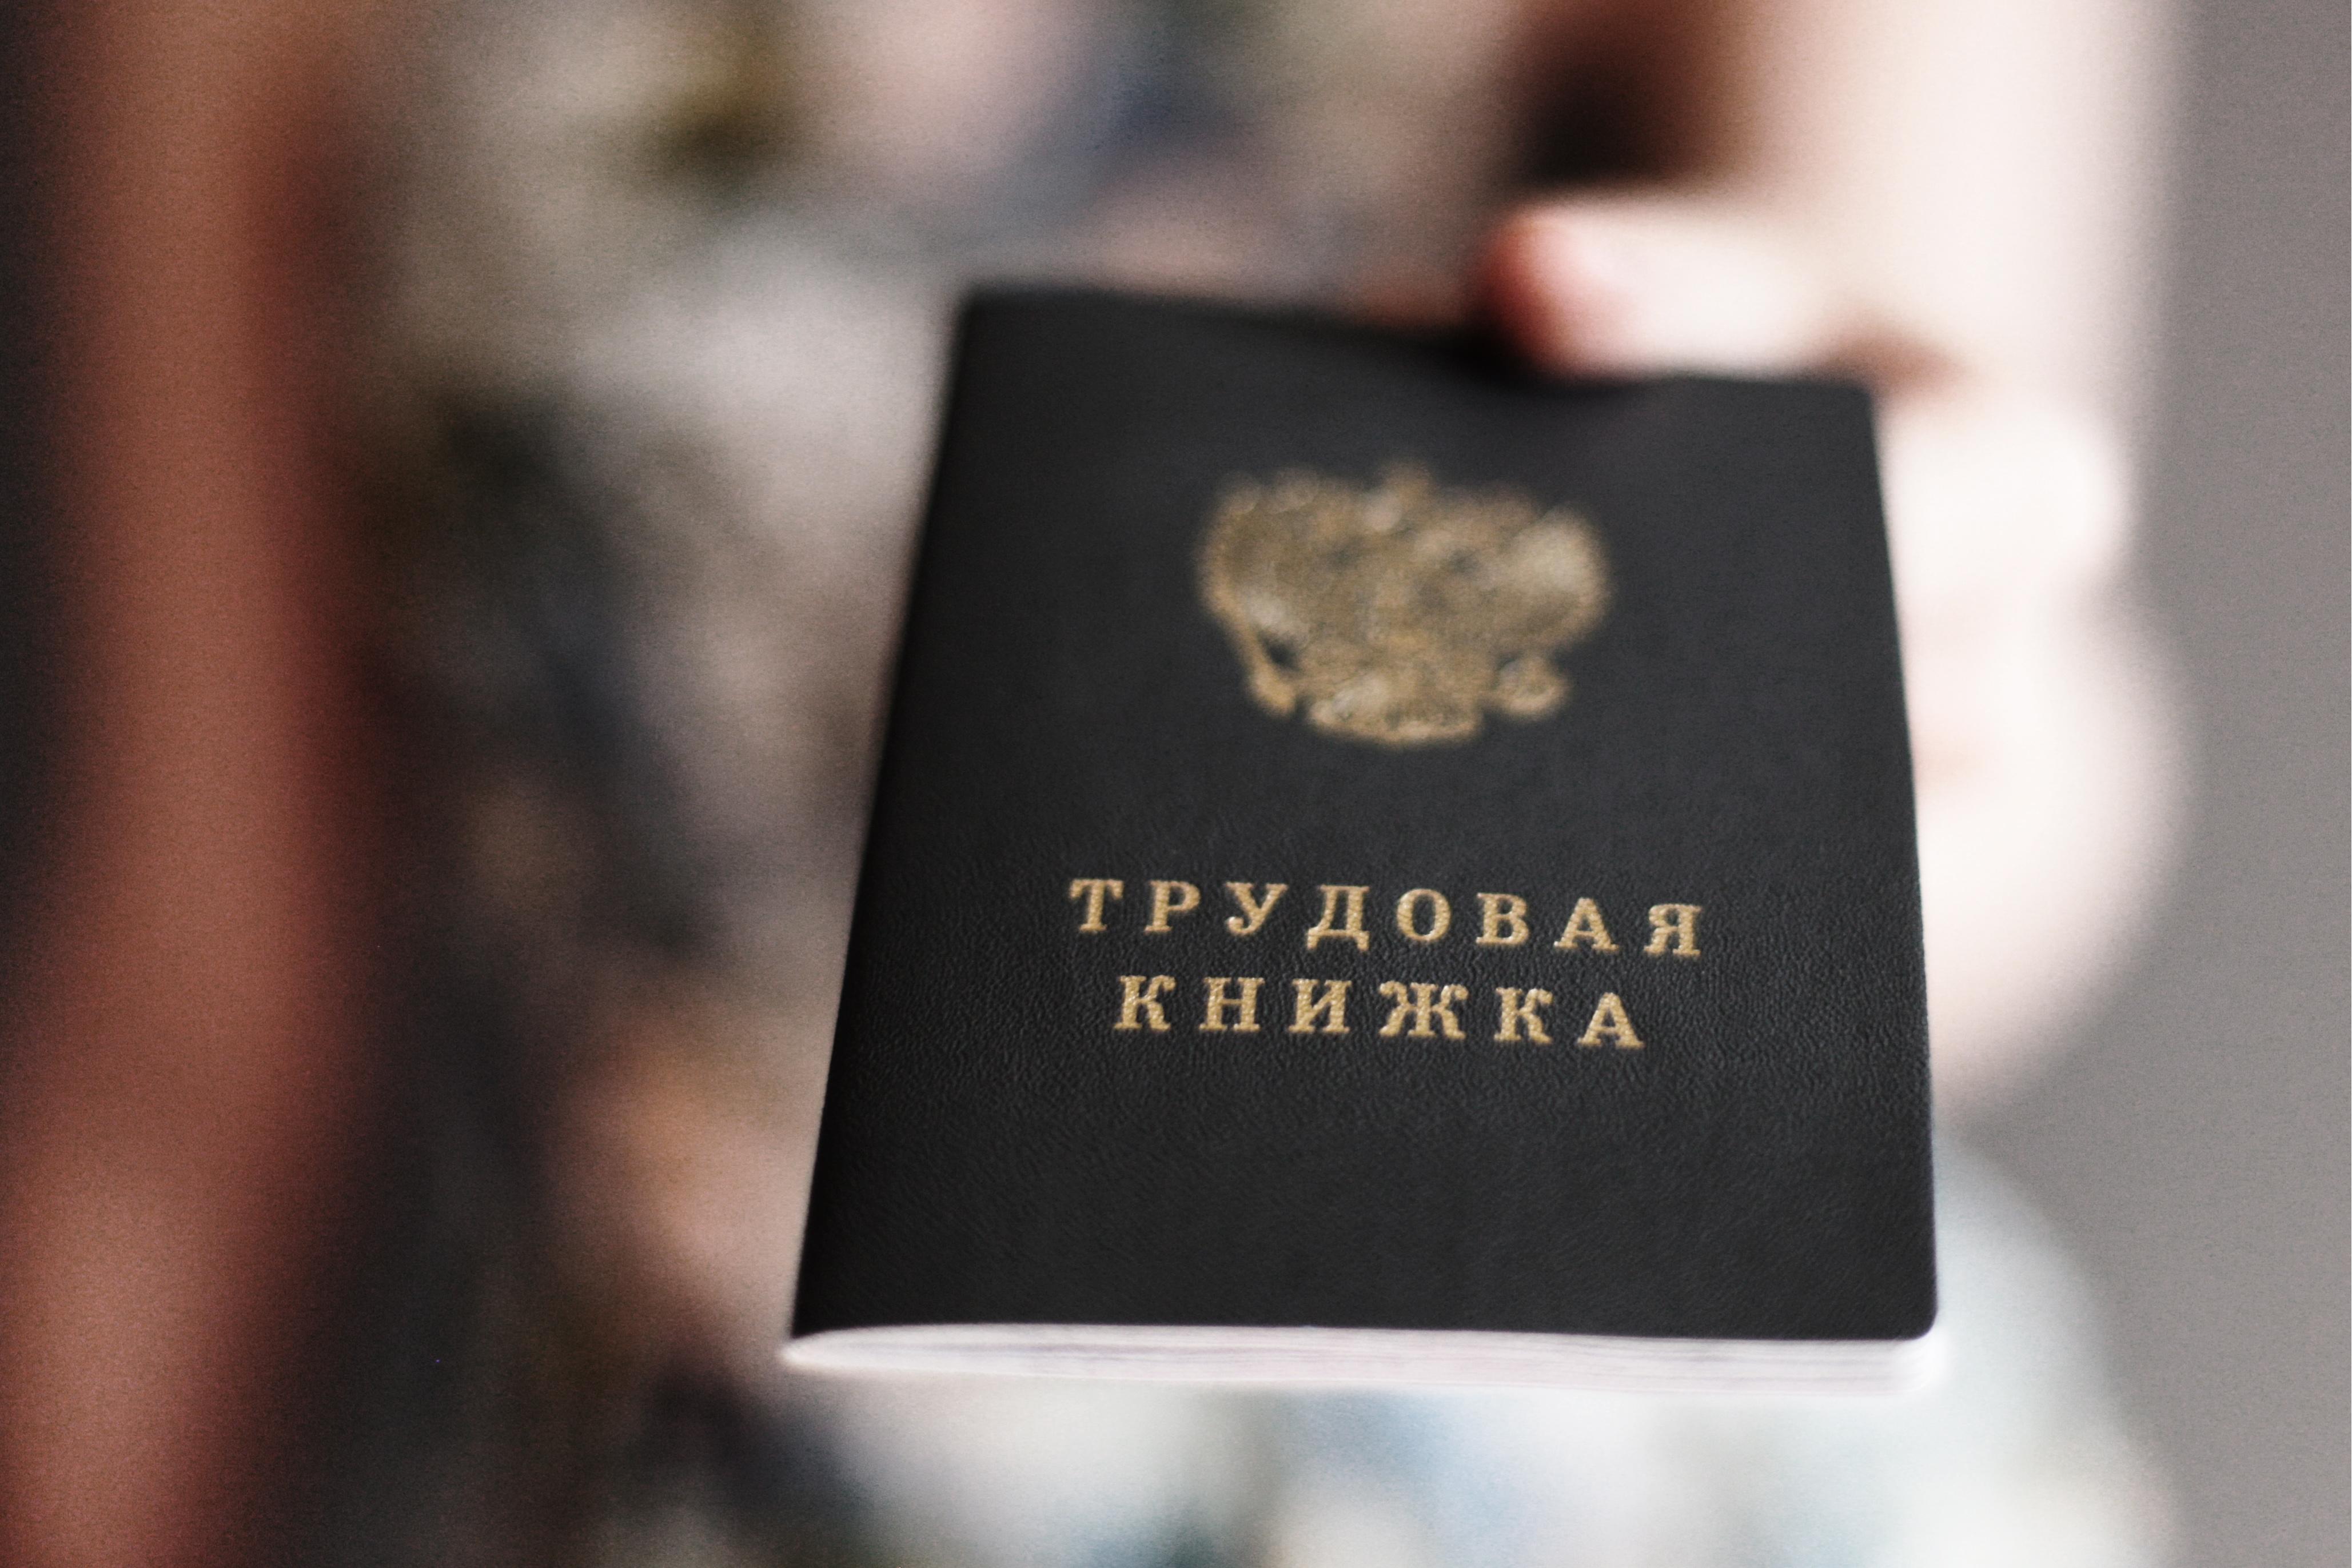 Как исправлять ошибки в трудовой книжке - Бухгалтерия.ru